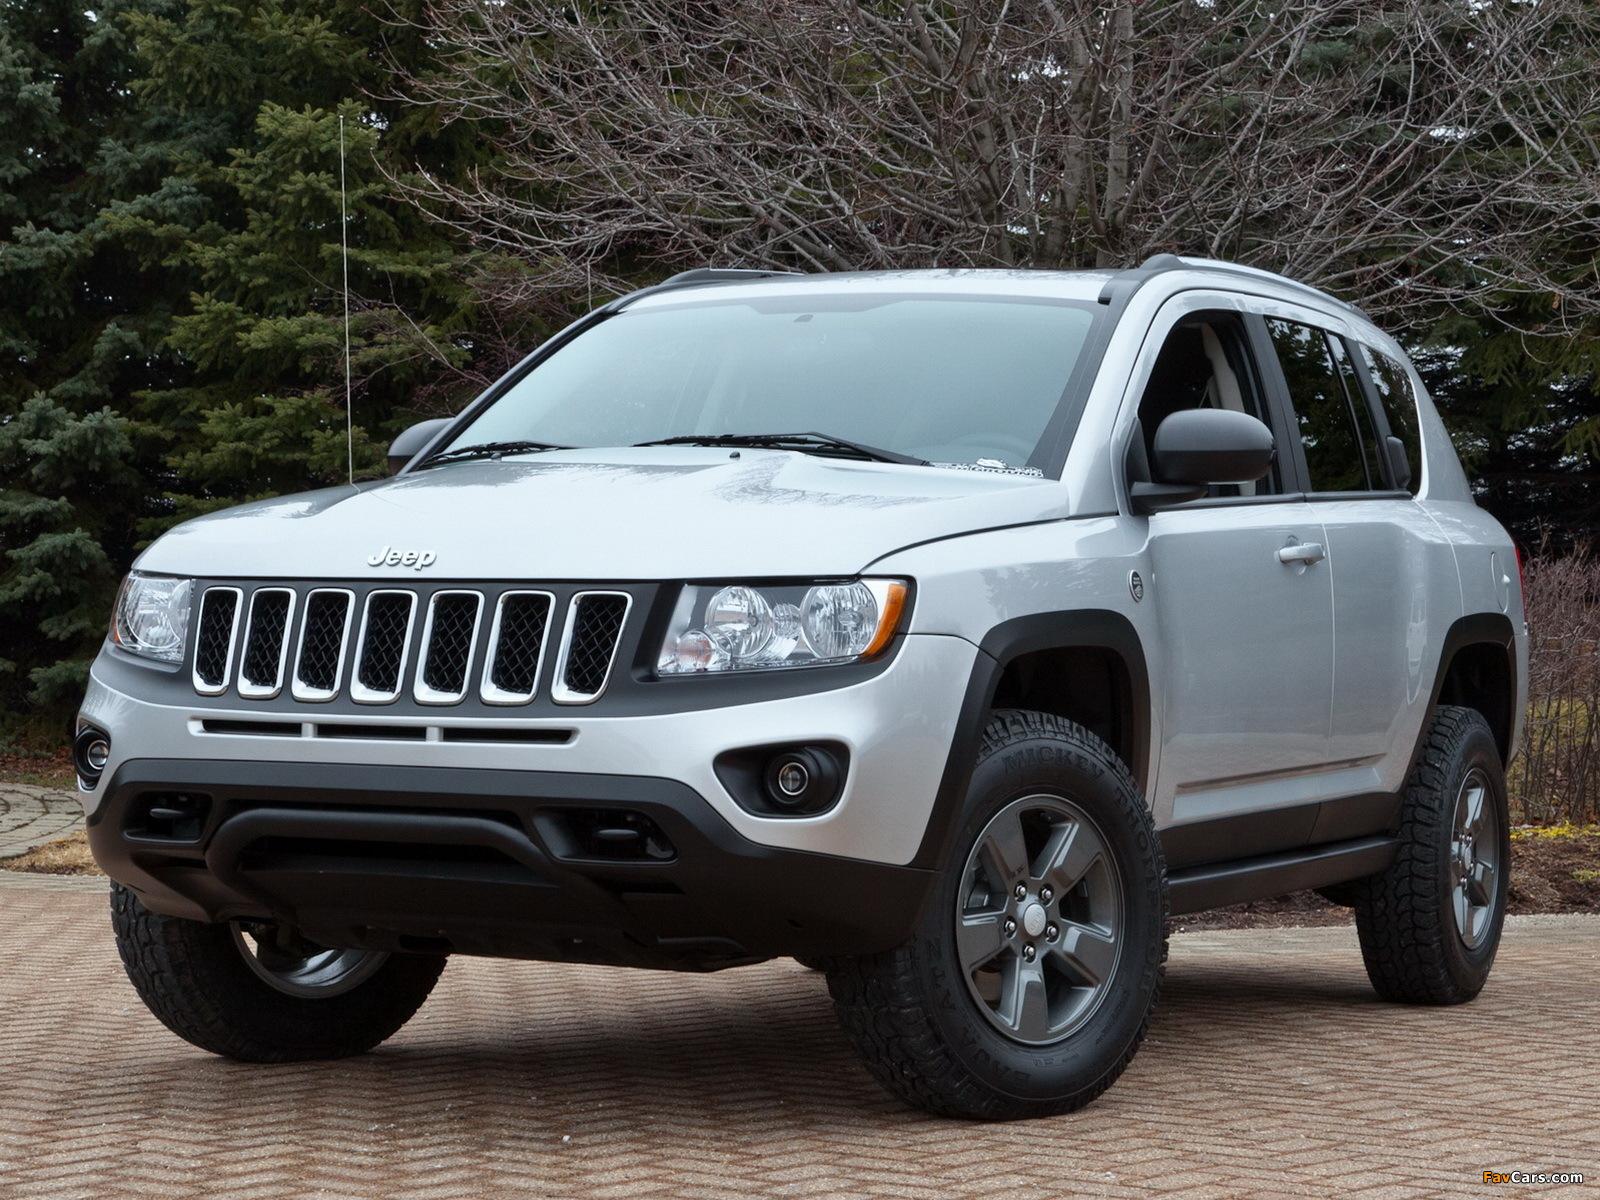 Mopar Jeep Compass Canyon Concept 2011 photos (1600 x 1200)